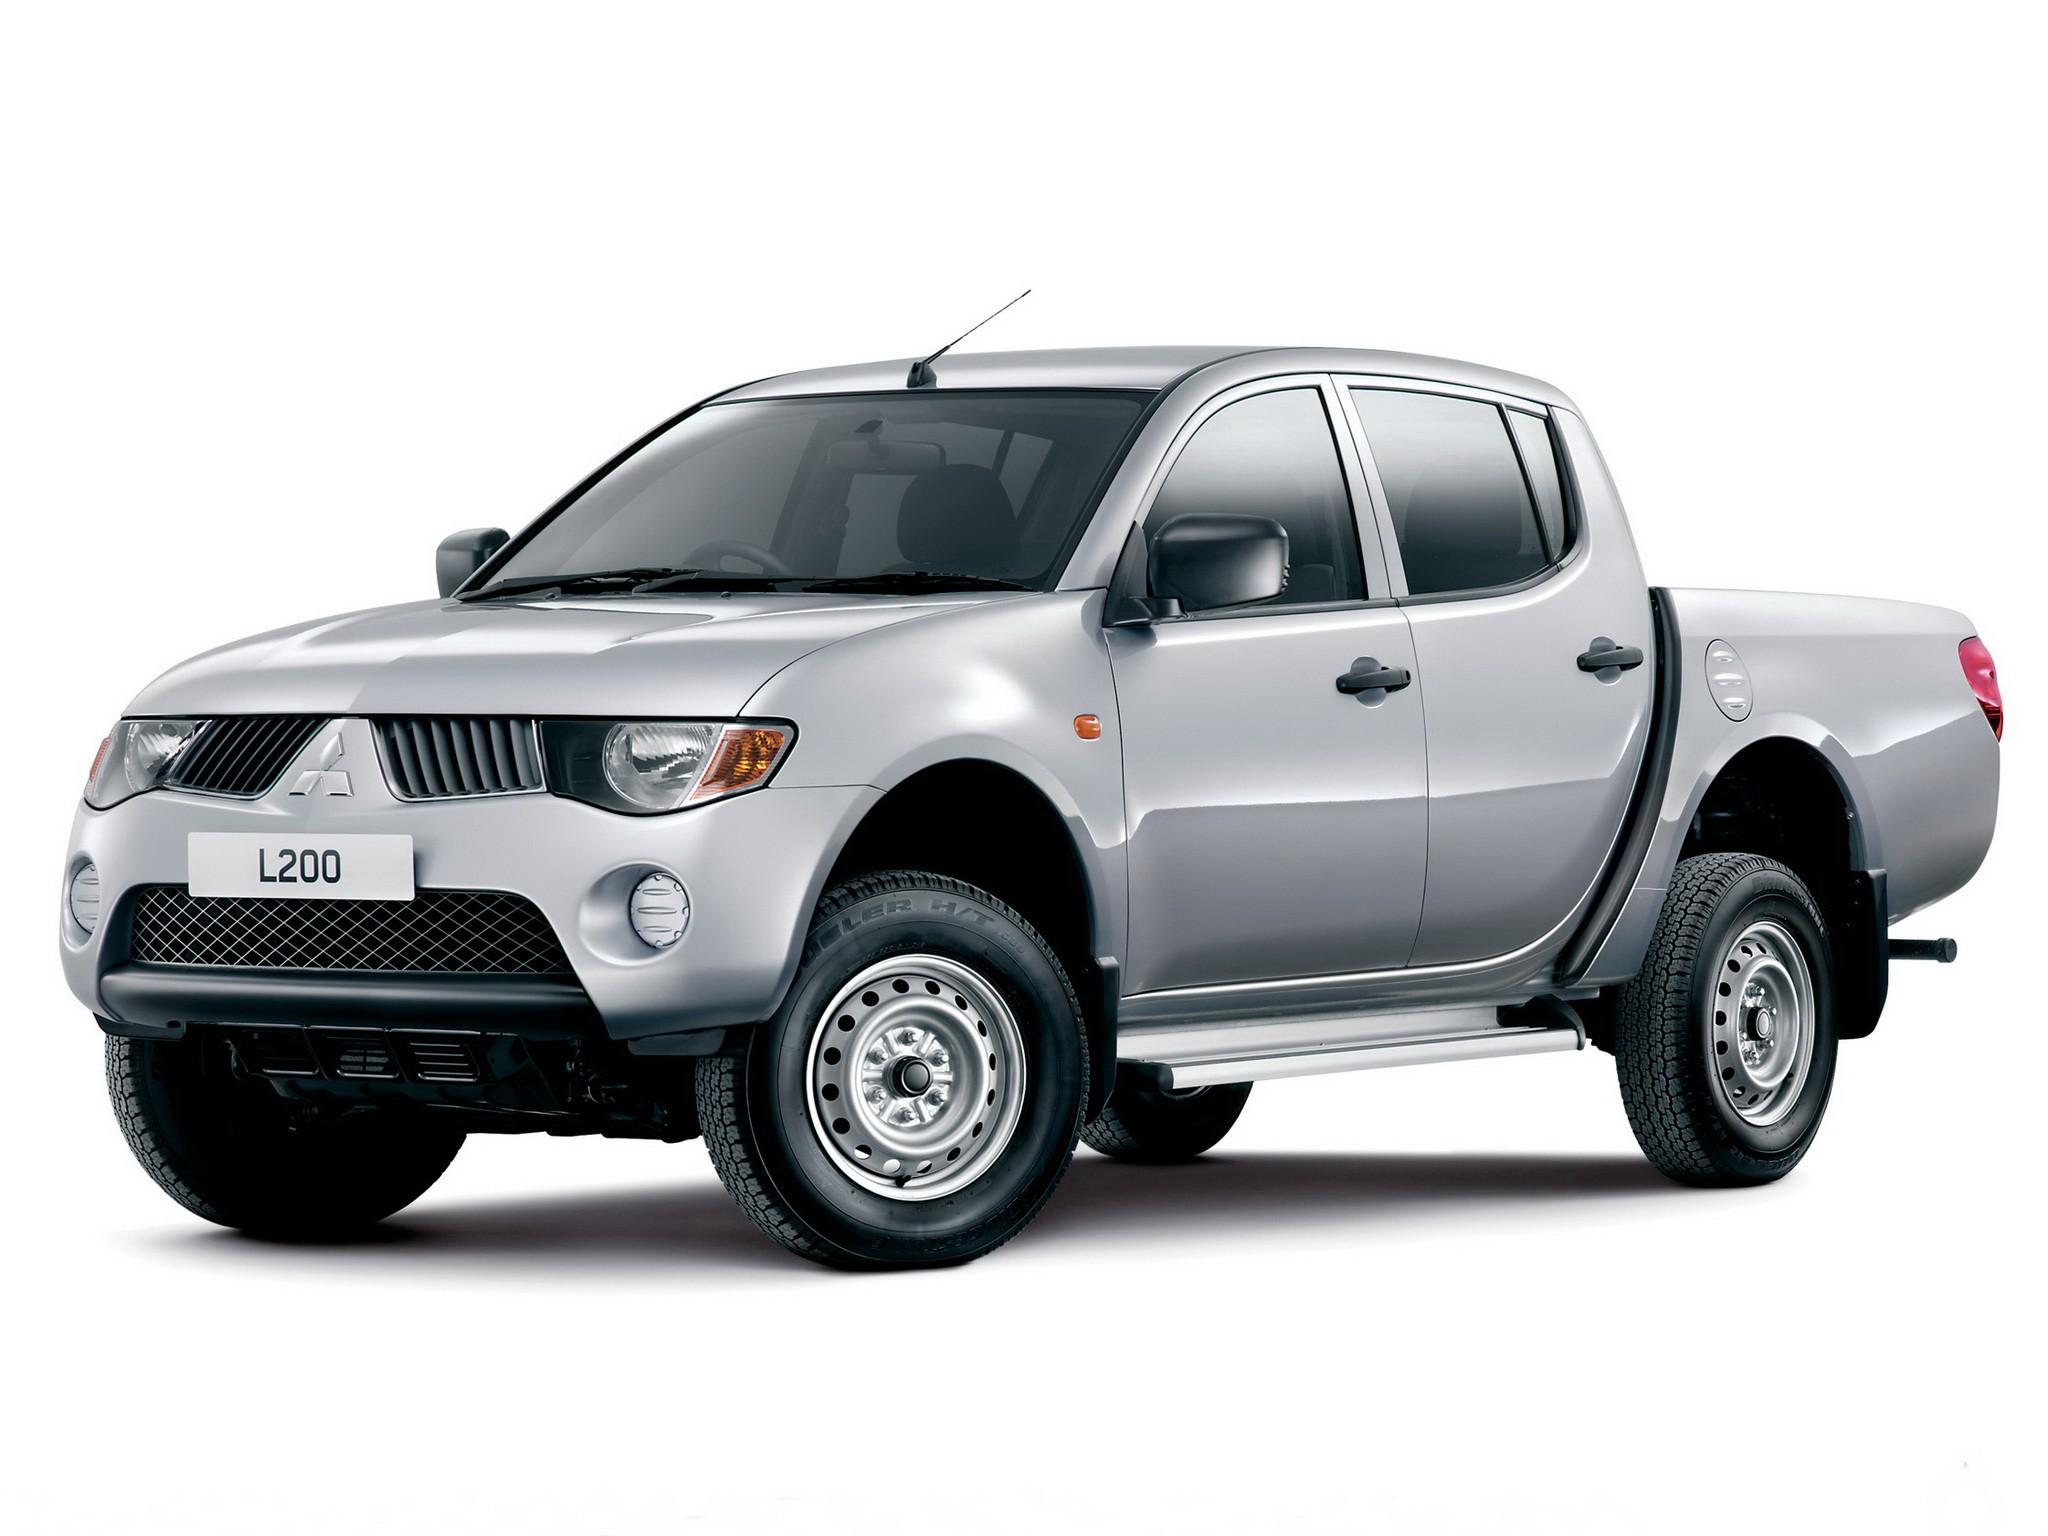 Truck Bed Dimensions >> MITSUBISHI L 200/Triton Double Cab - 2005, 2006, 2007, 2008, 2009, 2010, 2011, 2012, 2013, 2014 ...